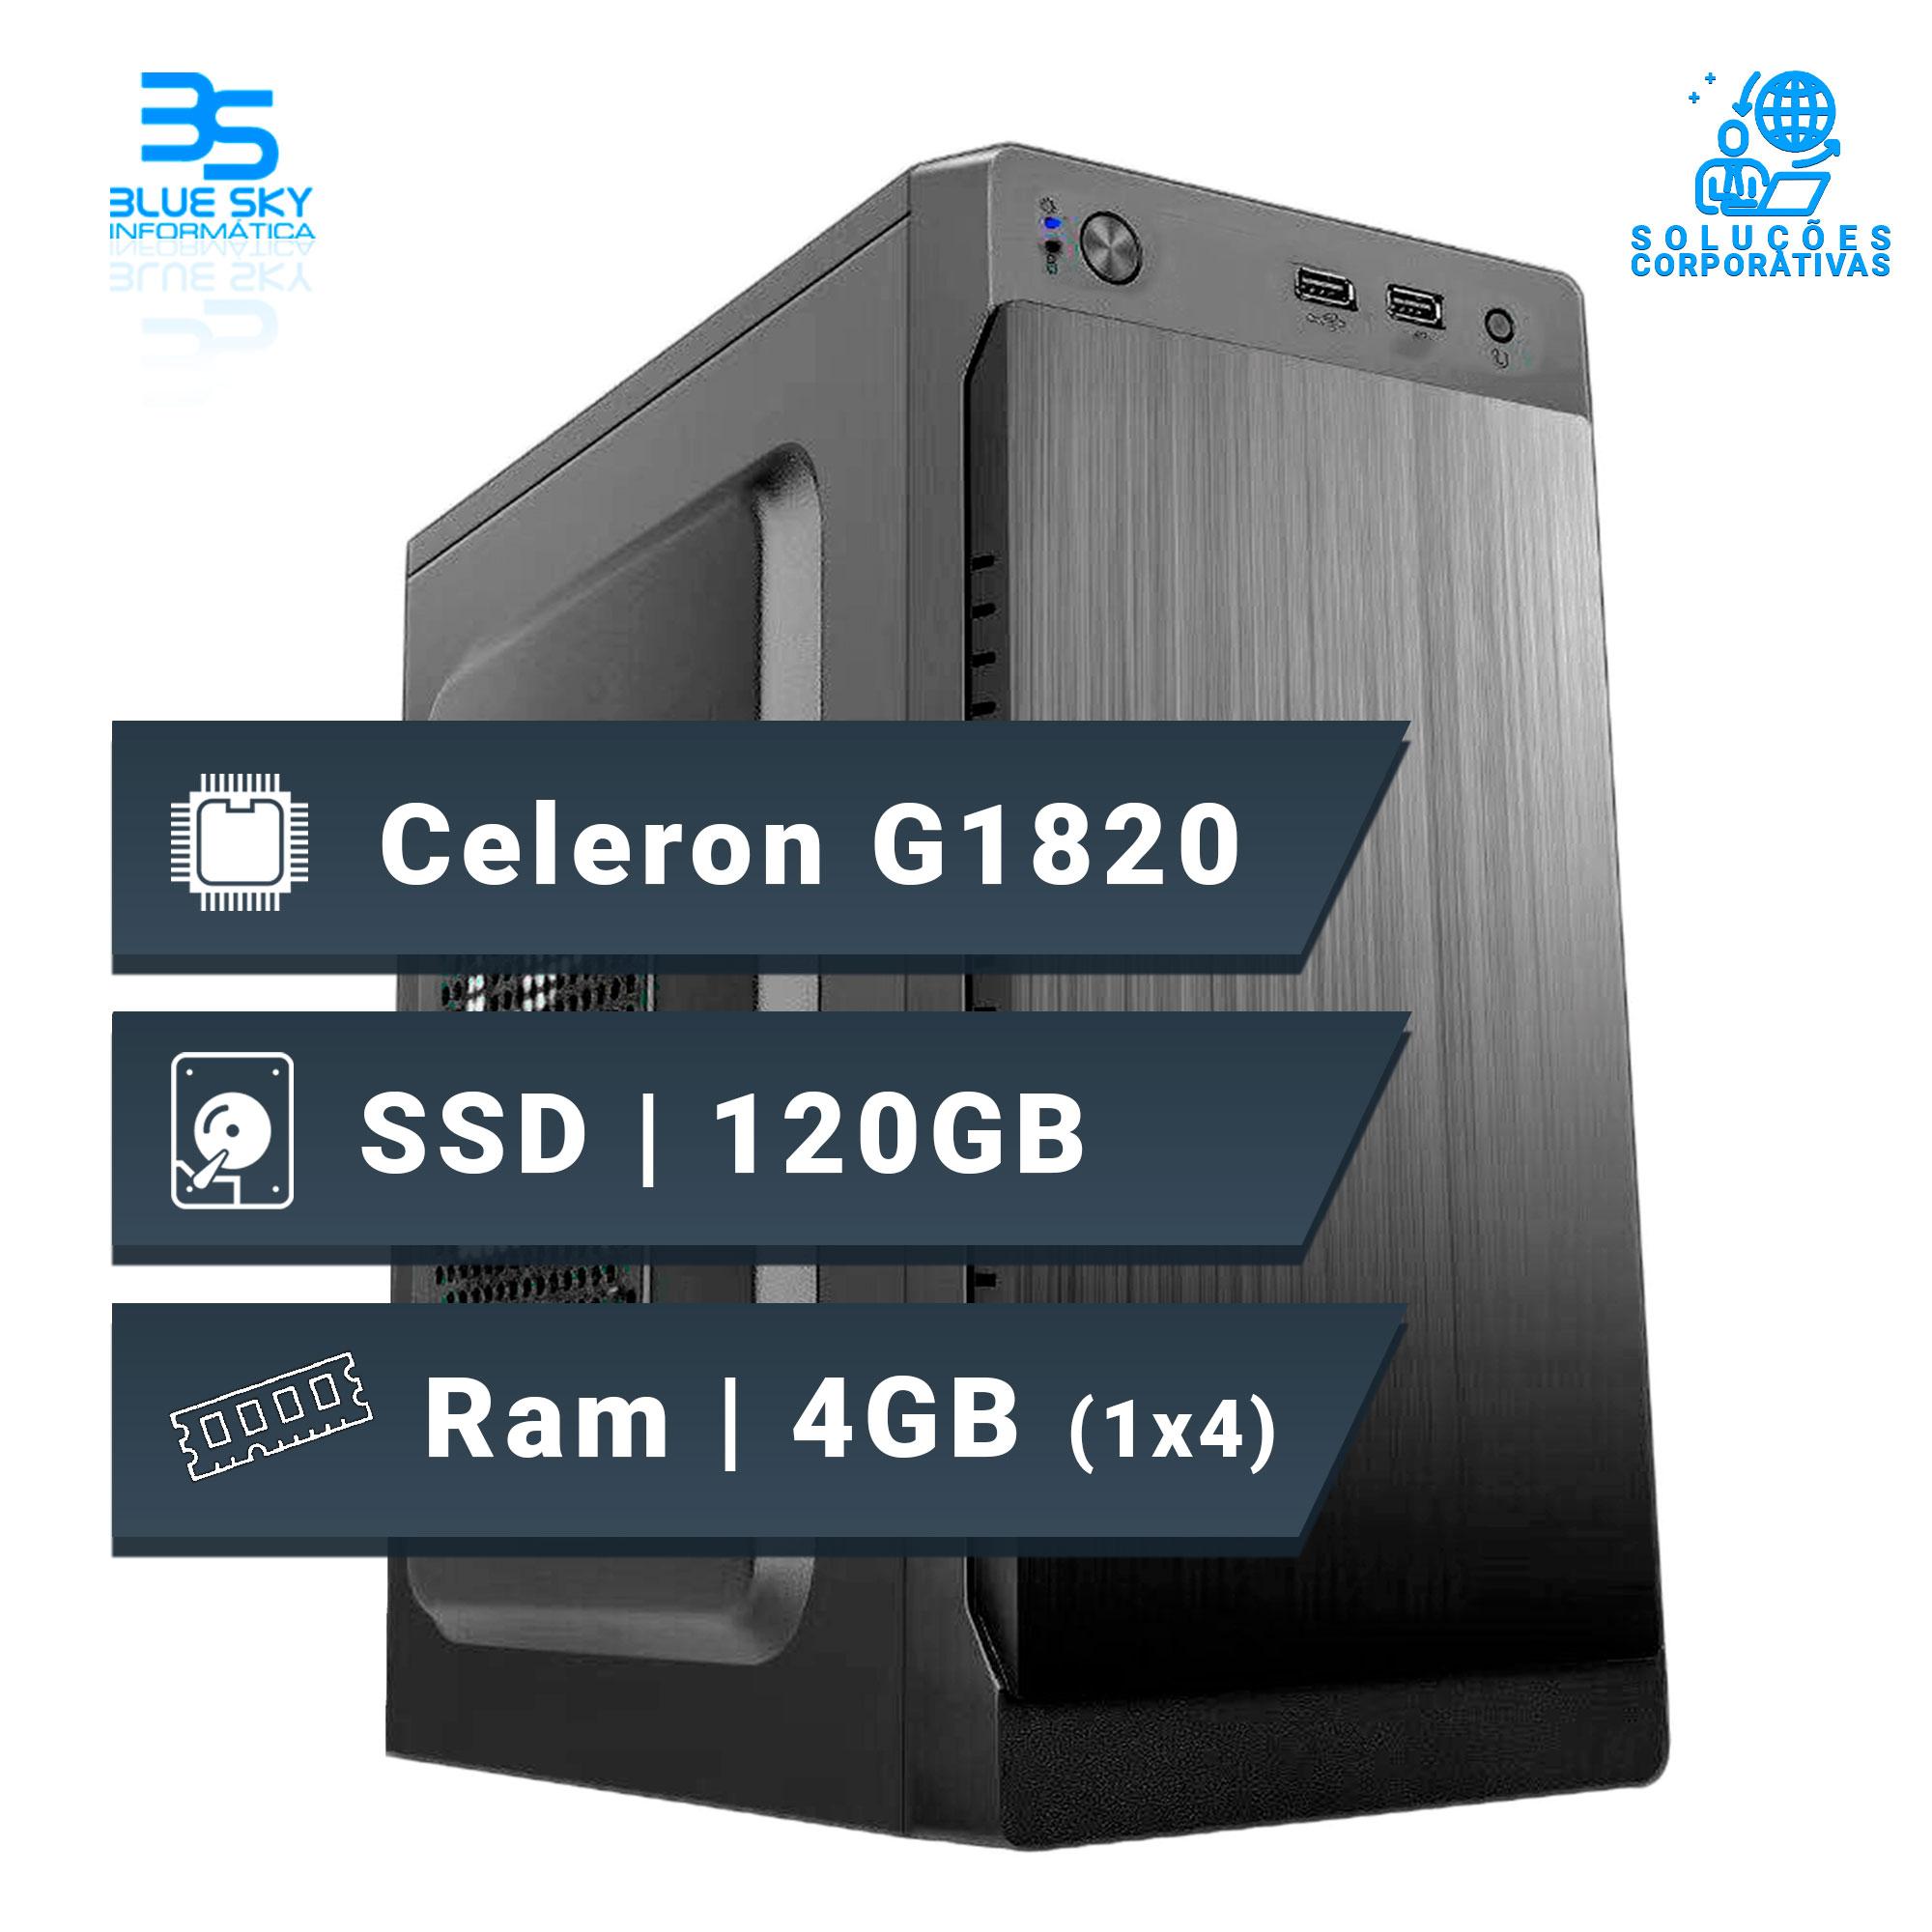 Computador Office Intel Celeron G1820, Ssd 120GB, 4GB DDR3, 200W